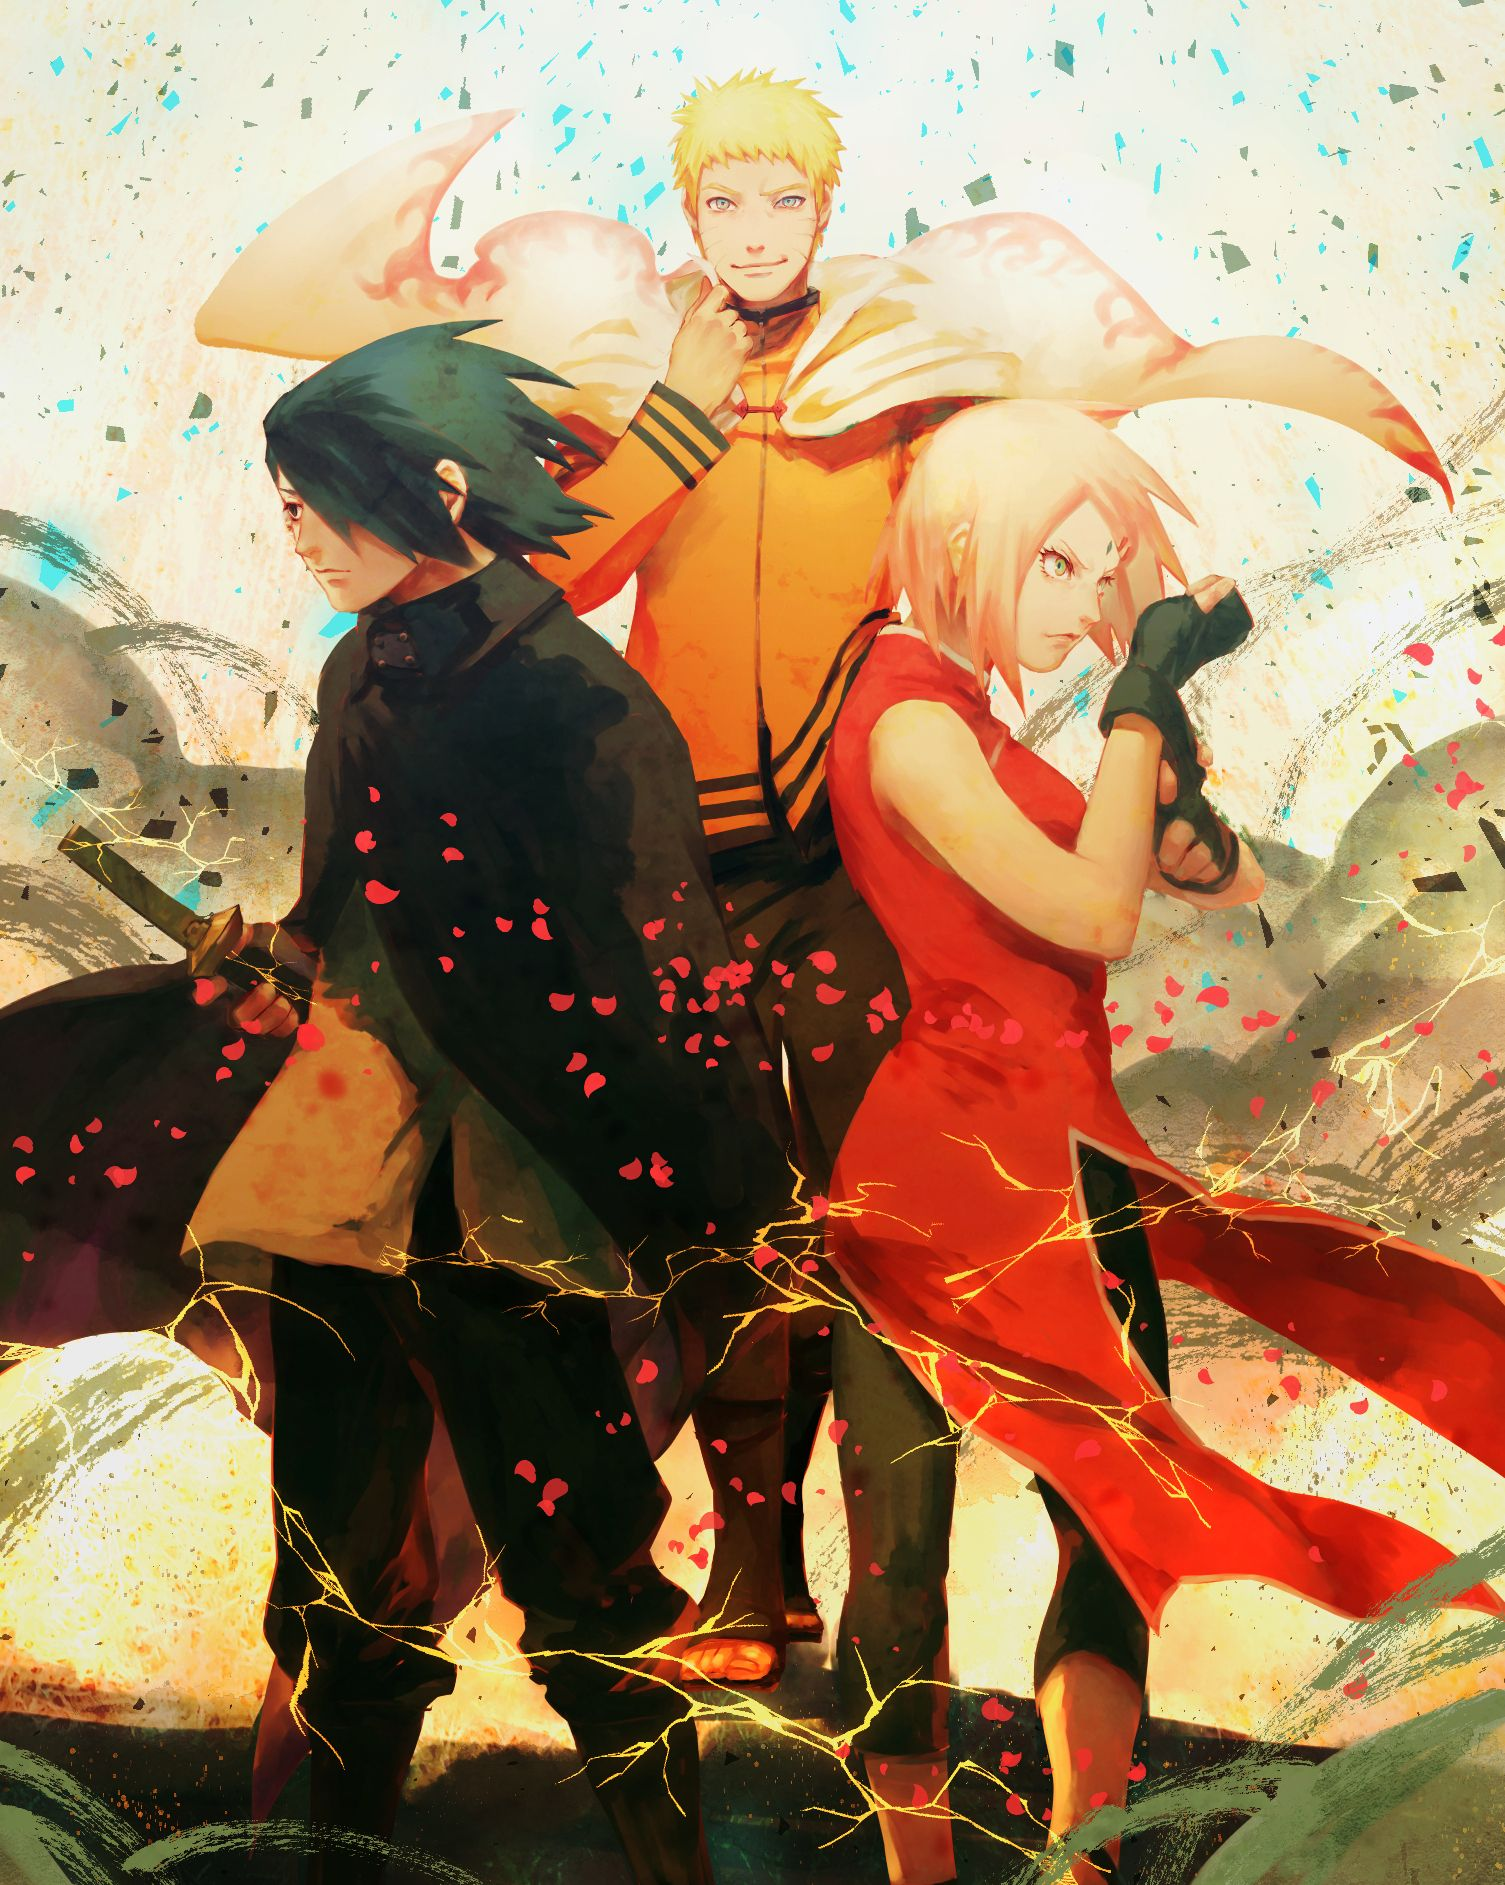 Anime manga Naruto Naruto, Sasuke, Sakura art